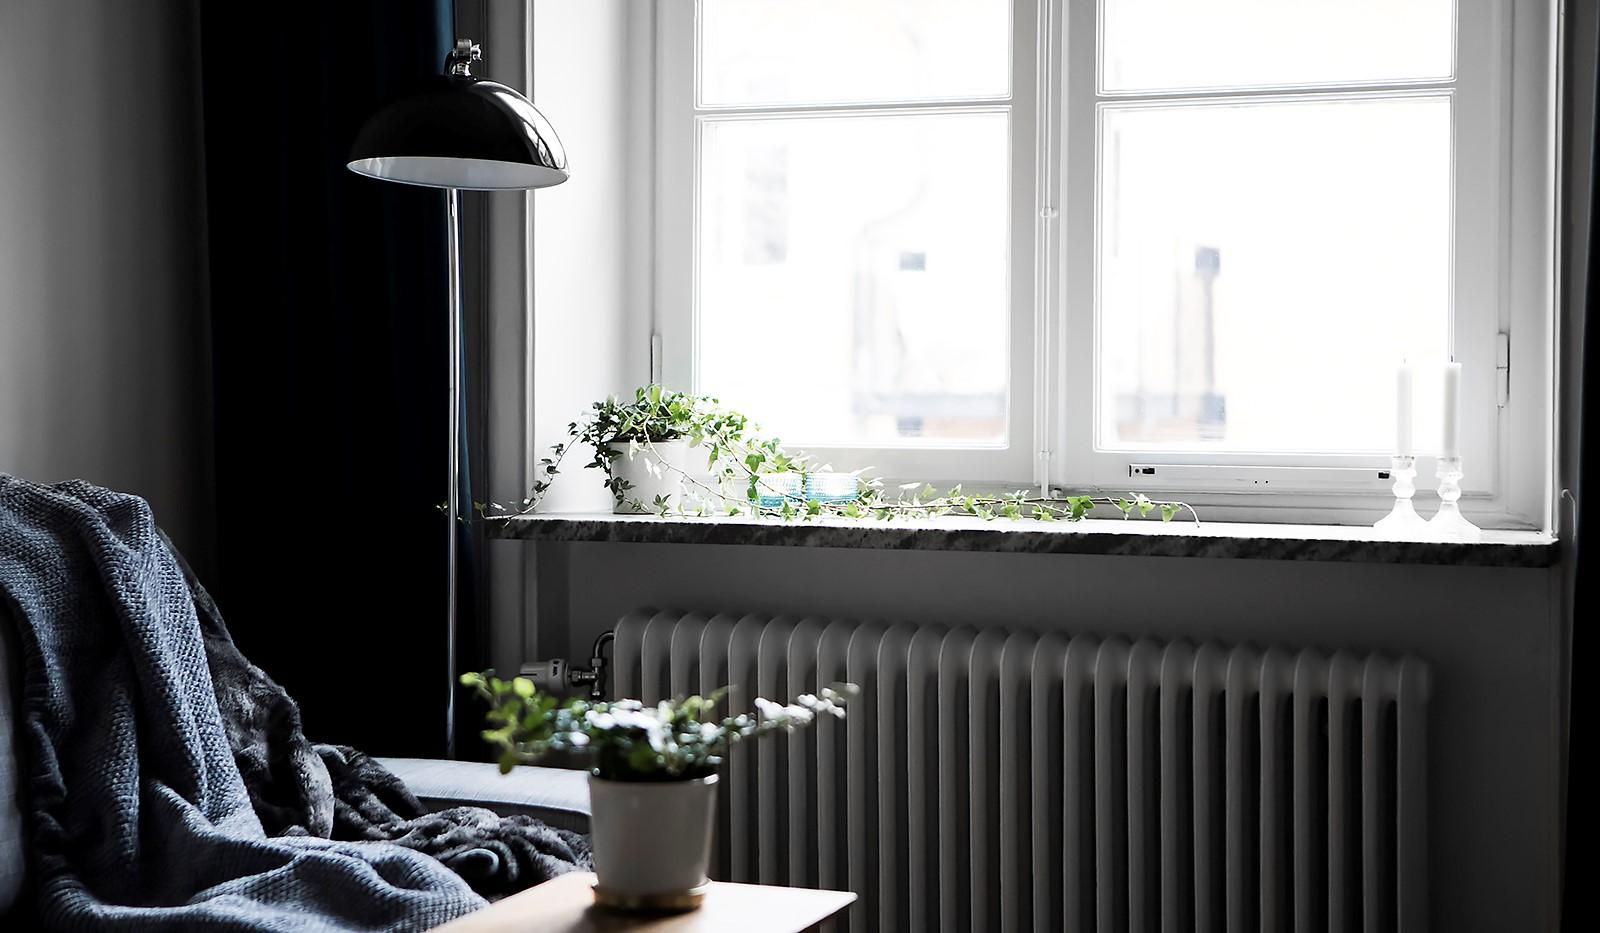 Högalidsgatan 36C, 3tr, ö.g. - Vackert spröjsat fönster med marmorerad fönsterbänk